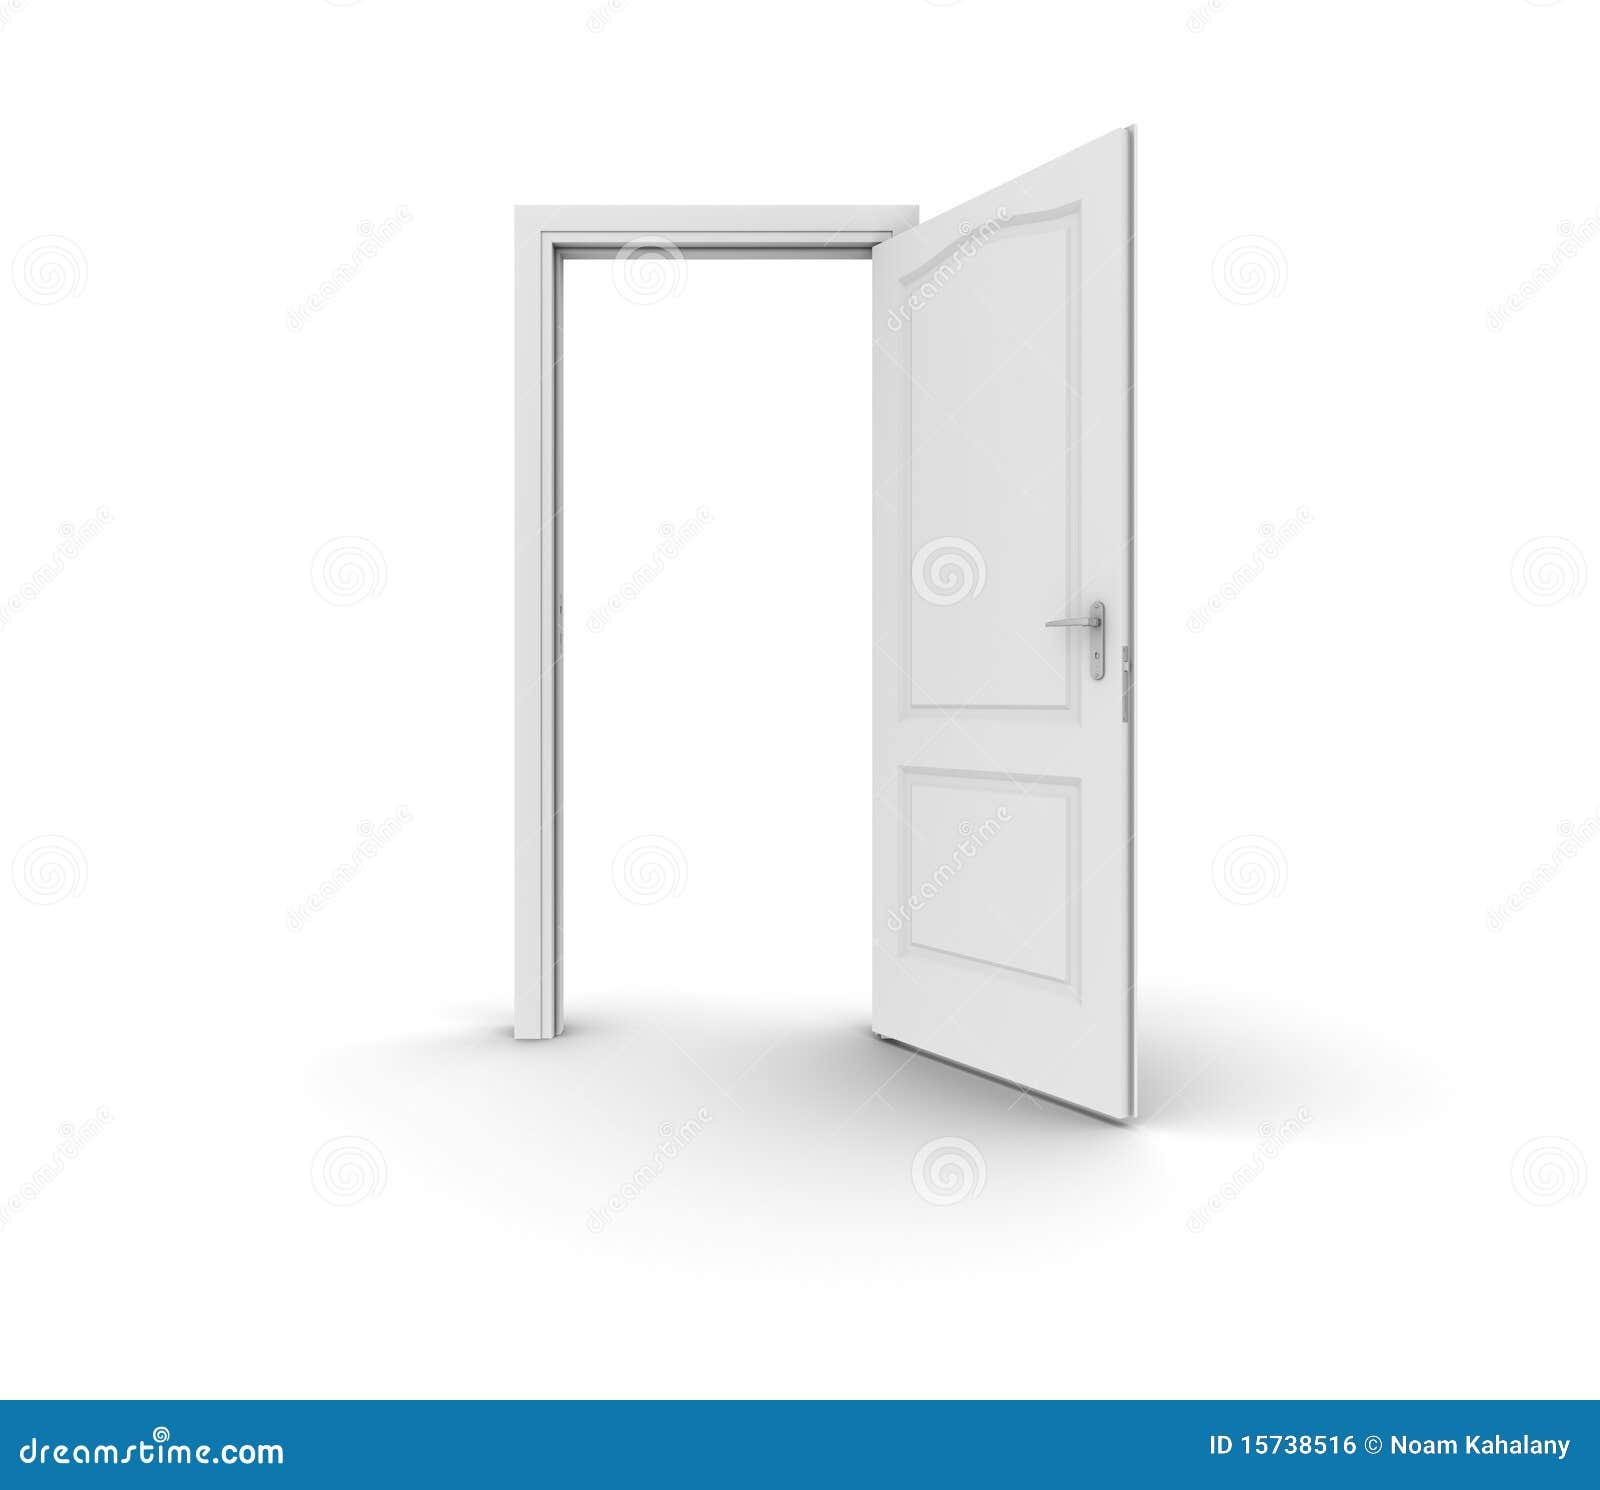 Porte ouverte image libre de droits image 15738516 for Porte ouverte